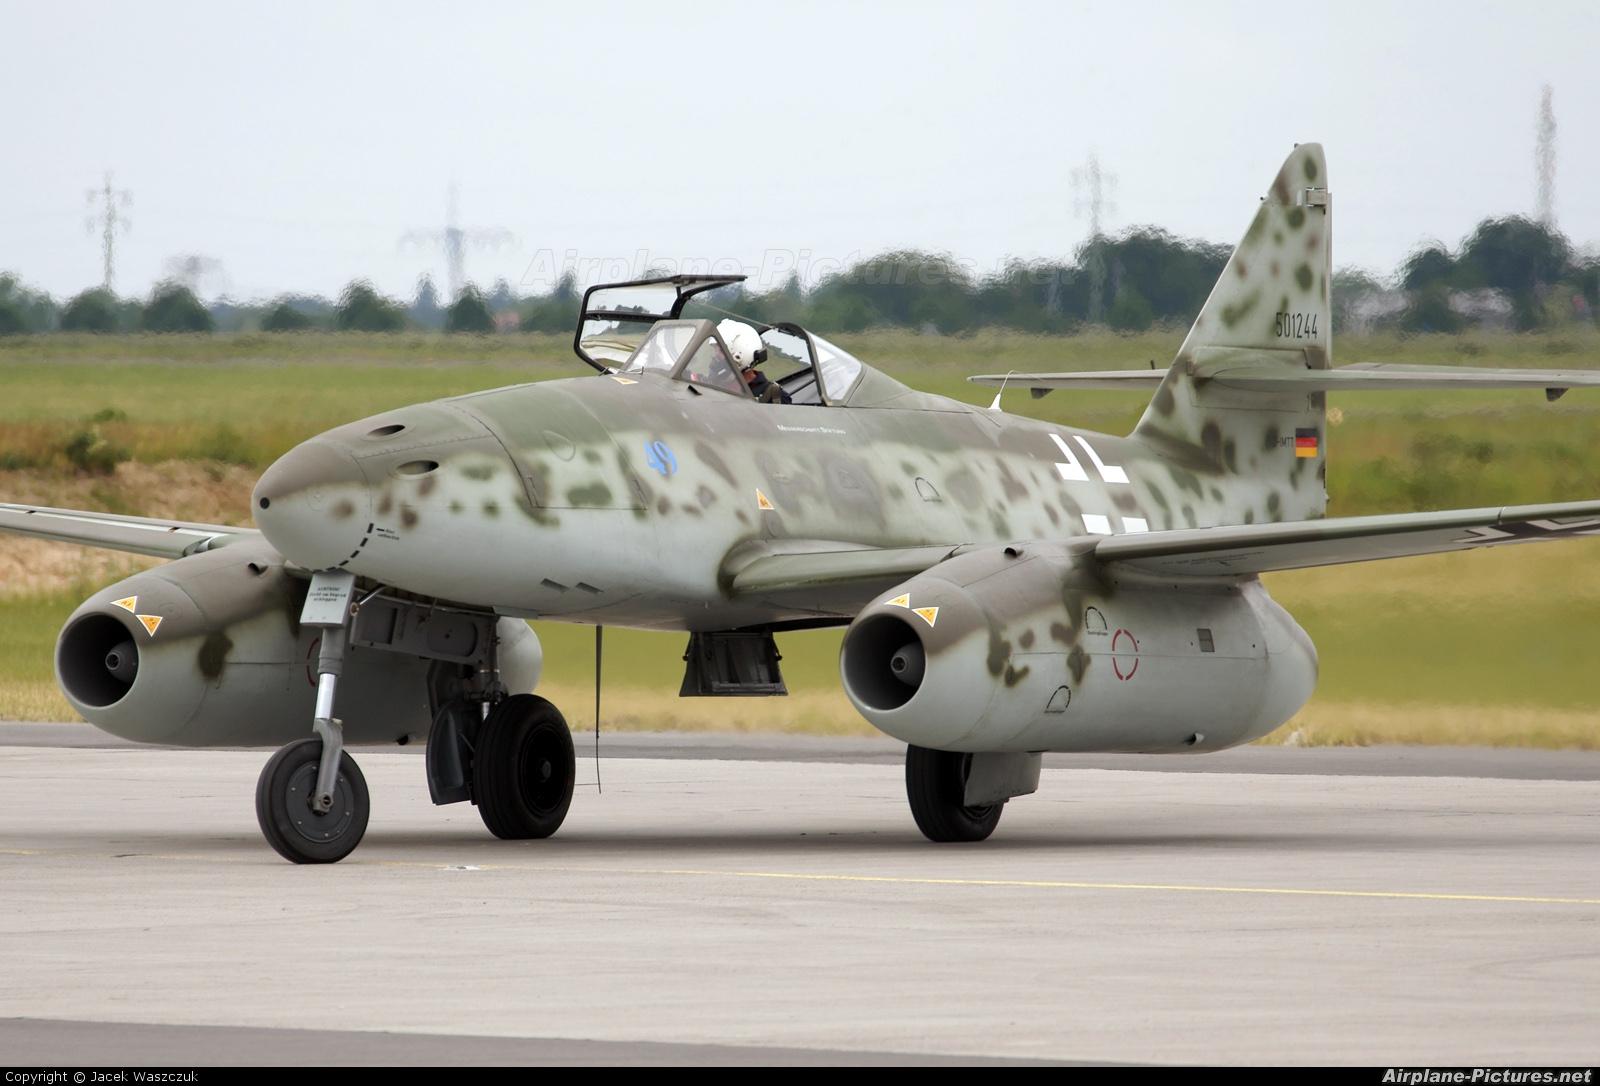 Messerschnmitt ME 262 landing gear thought to explain the Messerschnmitt ME 262